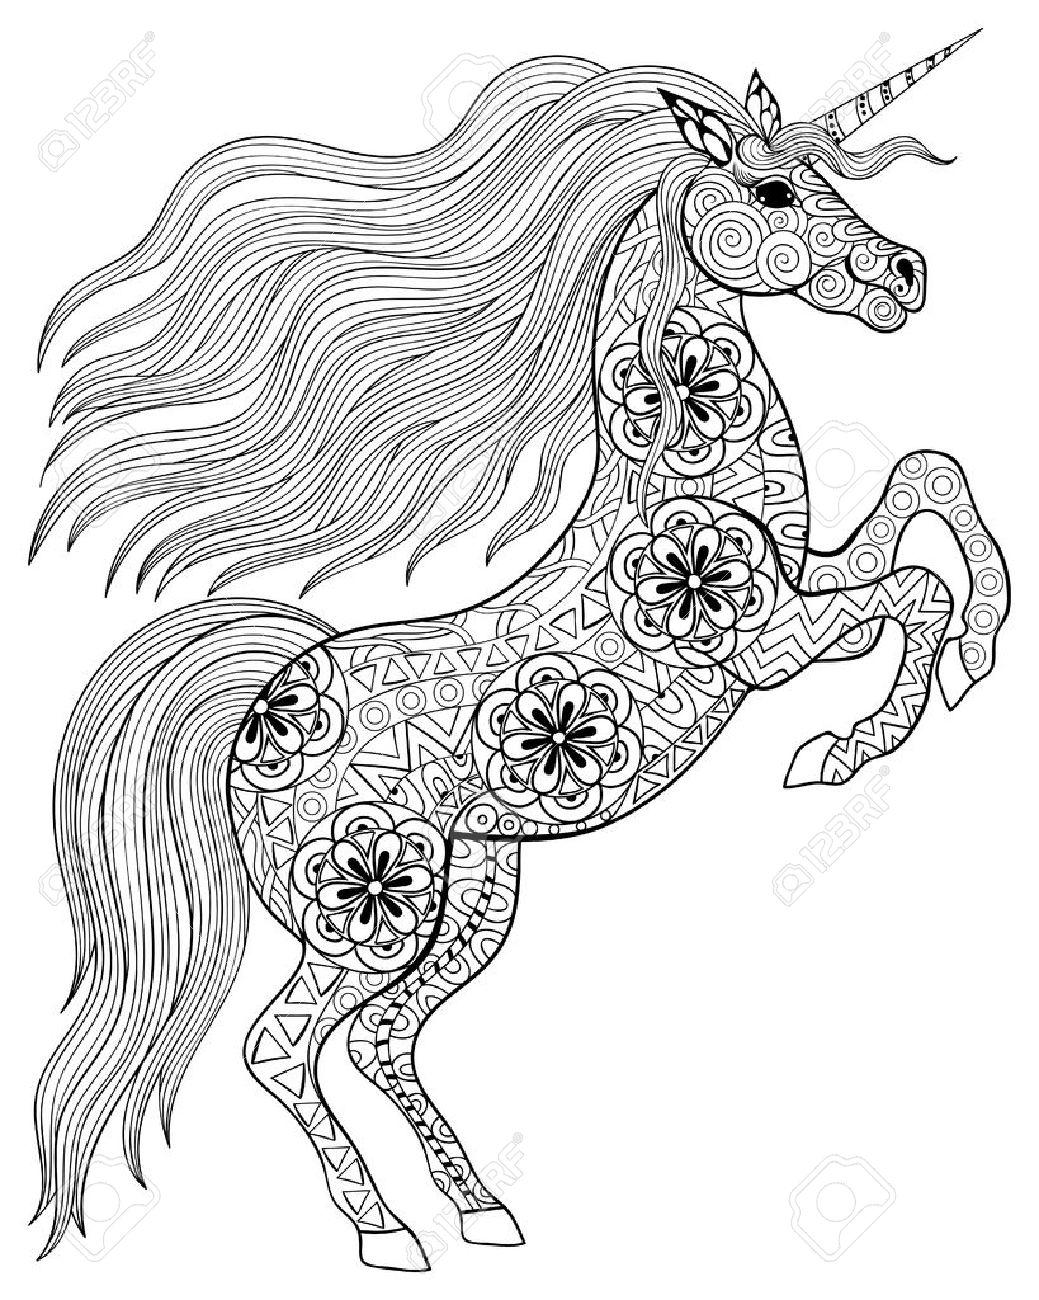 アダルト抗手描き魔法のユニコーンは、白地、zentangle スタイルの